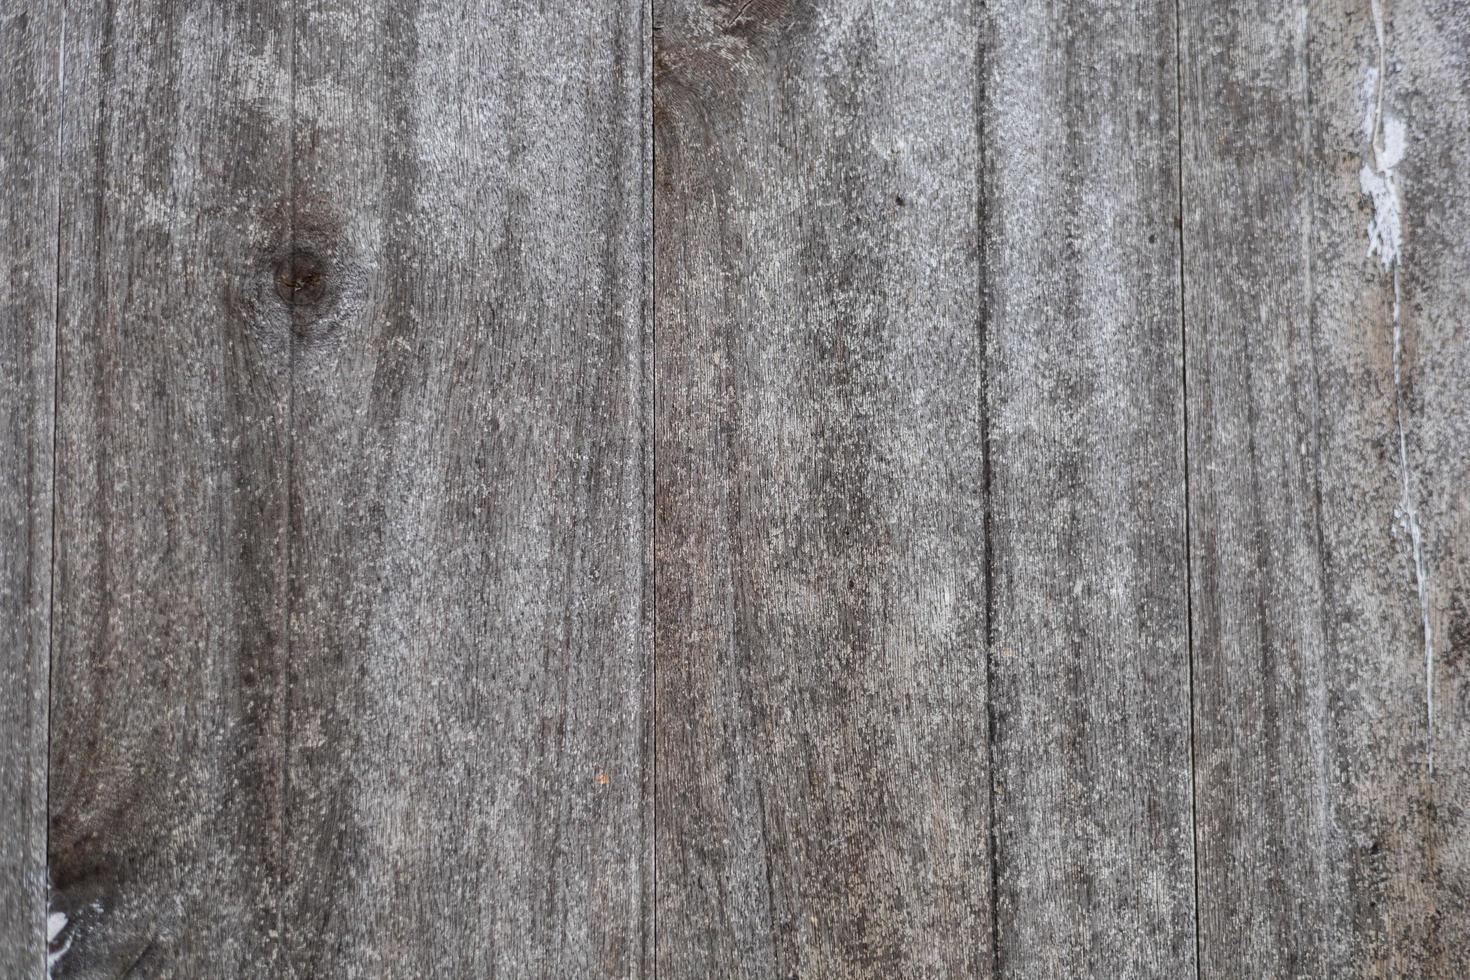 superficies de madera dispuestas en una hoja para el fondo foto